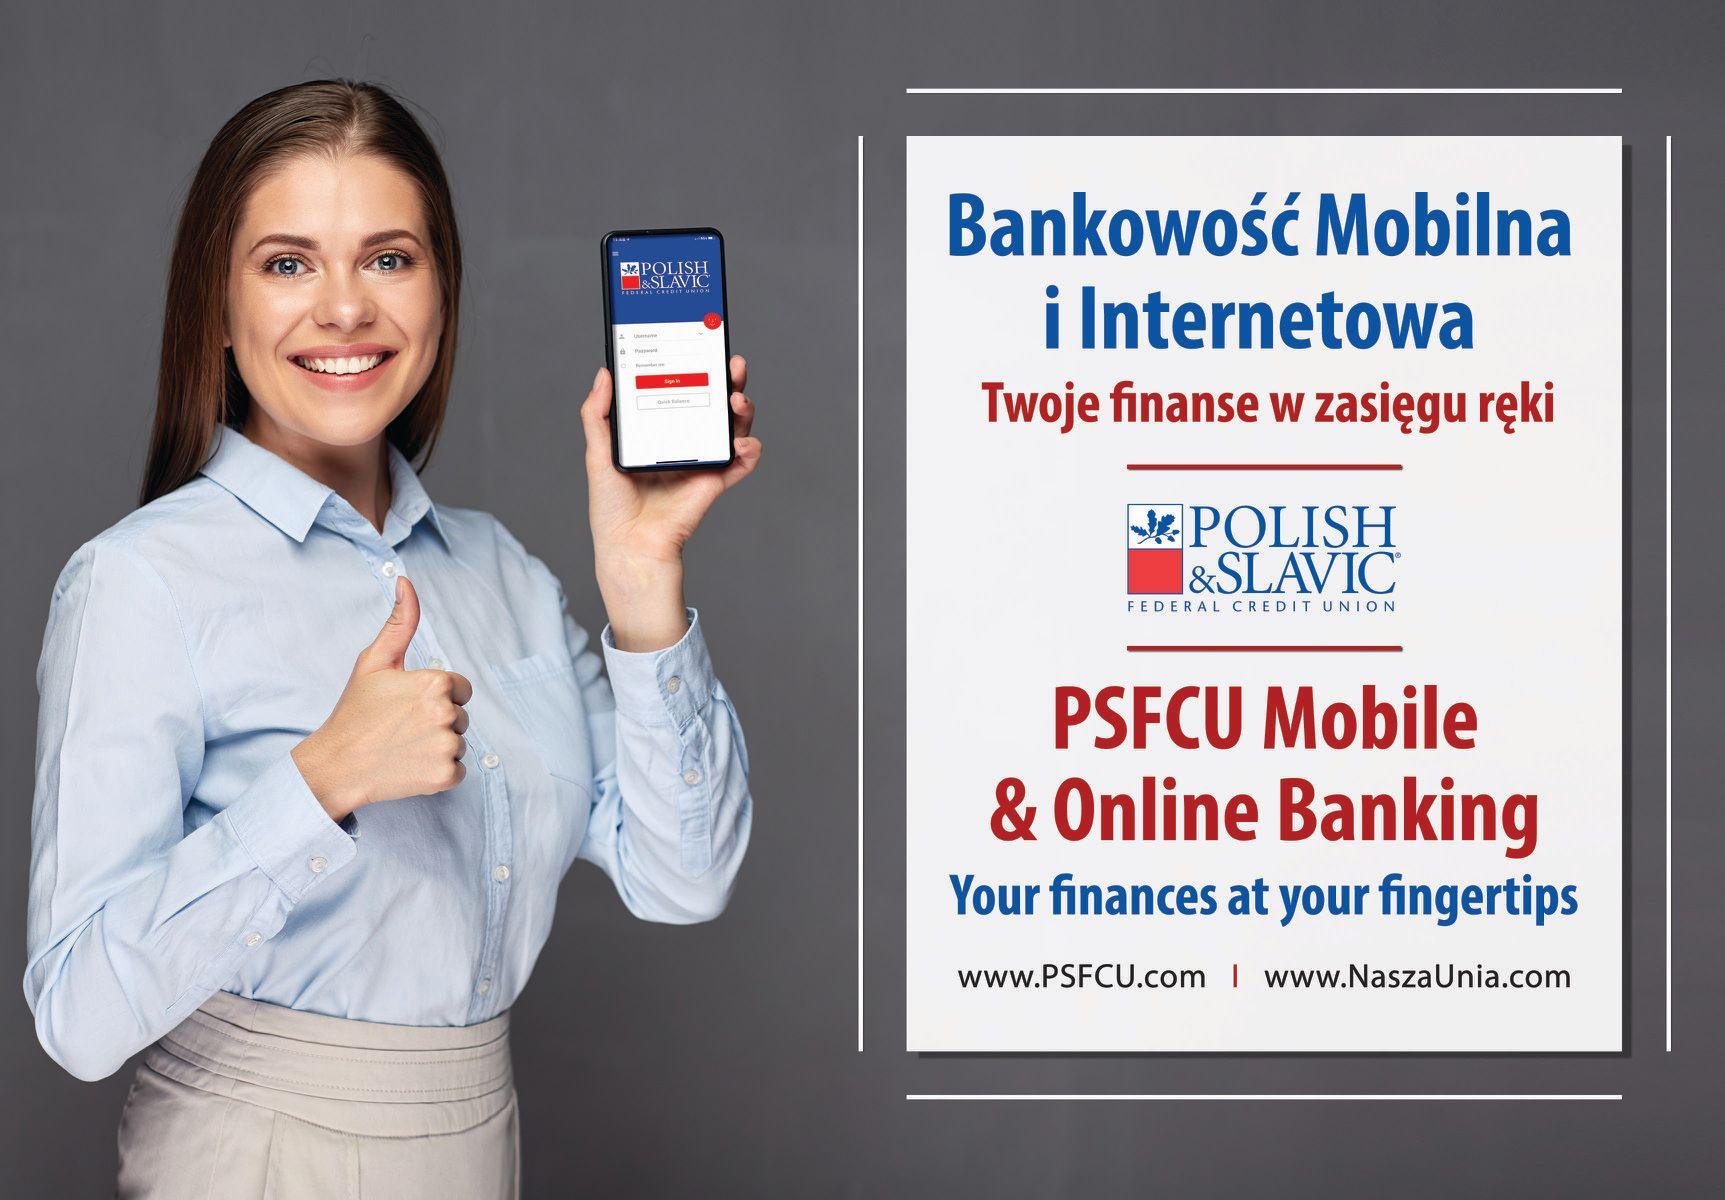 Nasza Unia zachęca do korzystania z aplikacji PSFCU Bankowość Mobilna